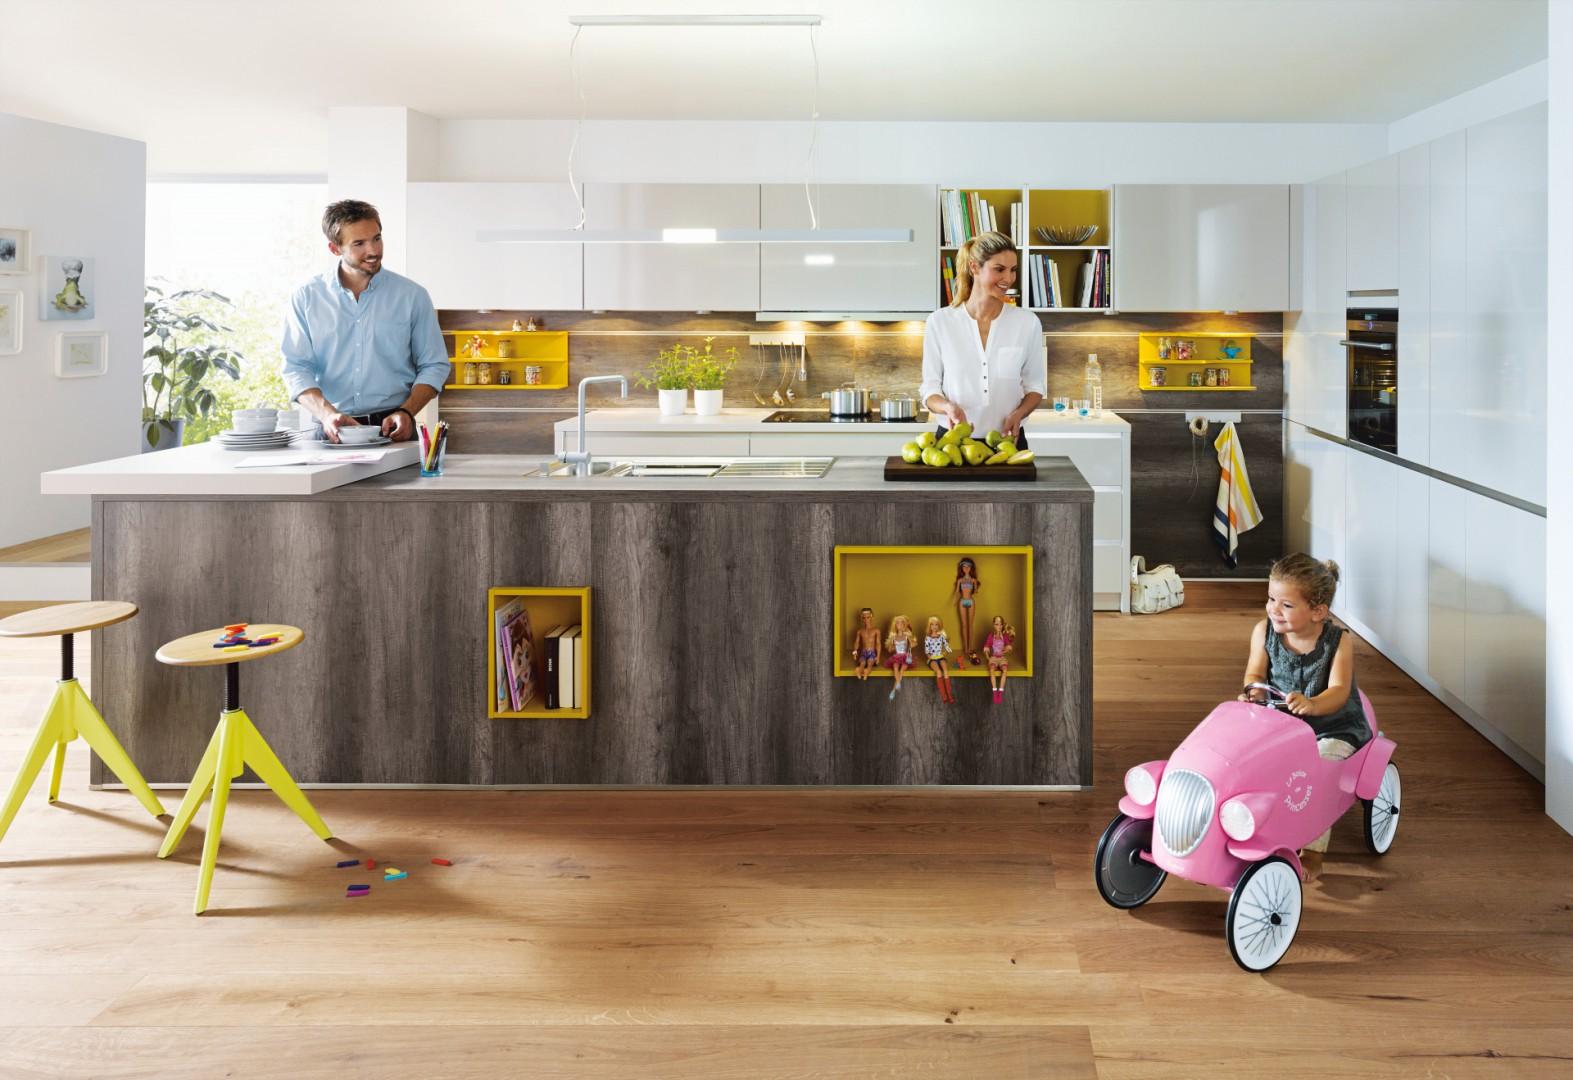 Urządzamy Kuchnia Bezpieczna Dla Dziecka Sprawdź Meble